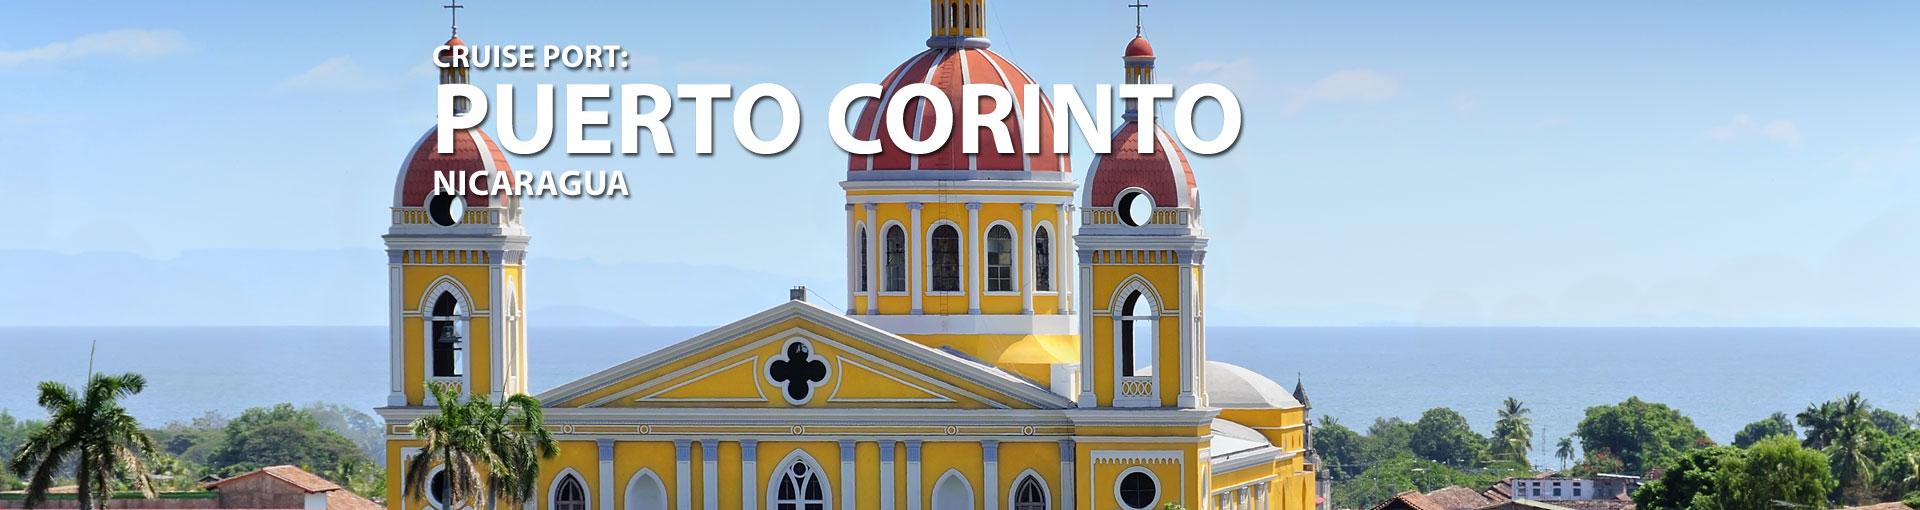 Cruises to Puerto Corinto, Nicaragua